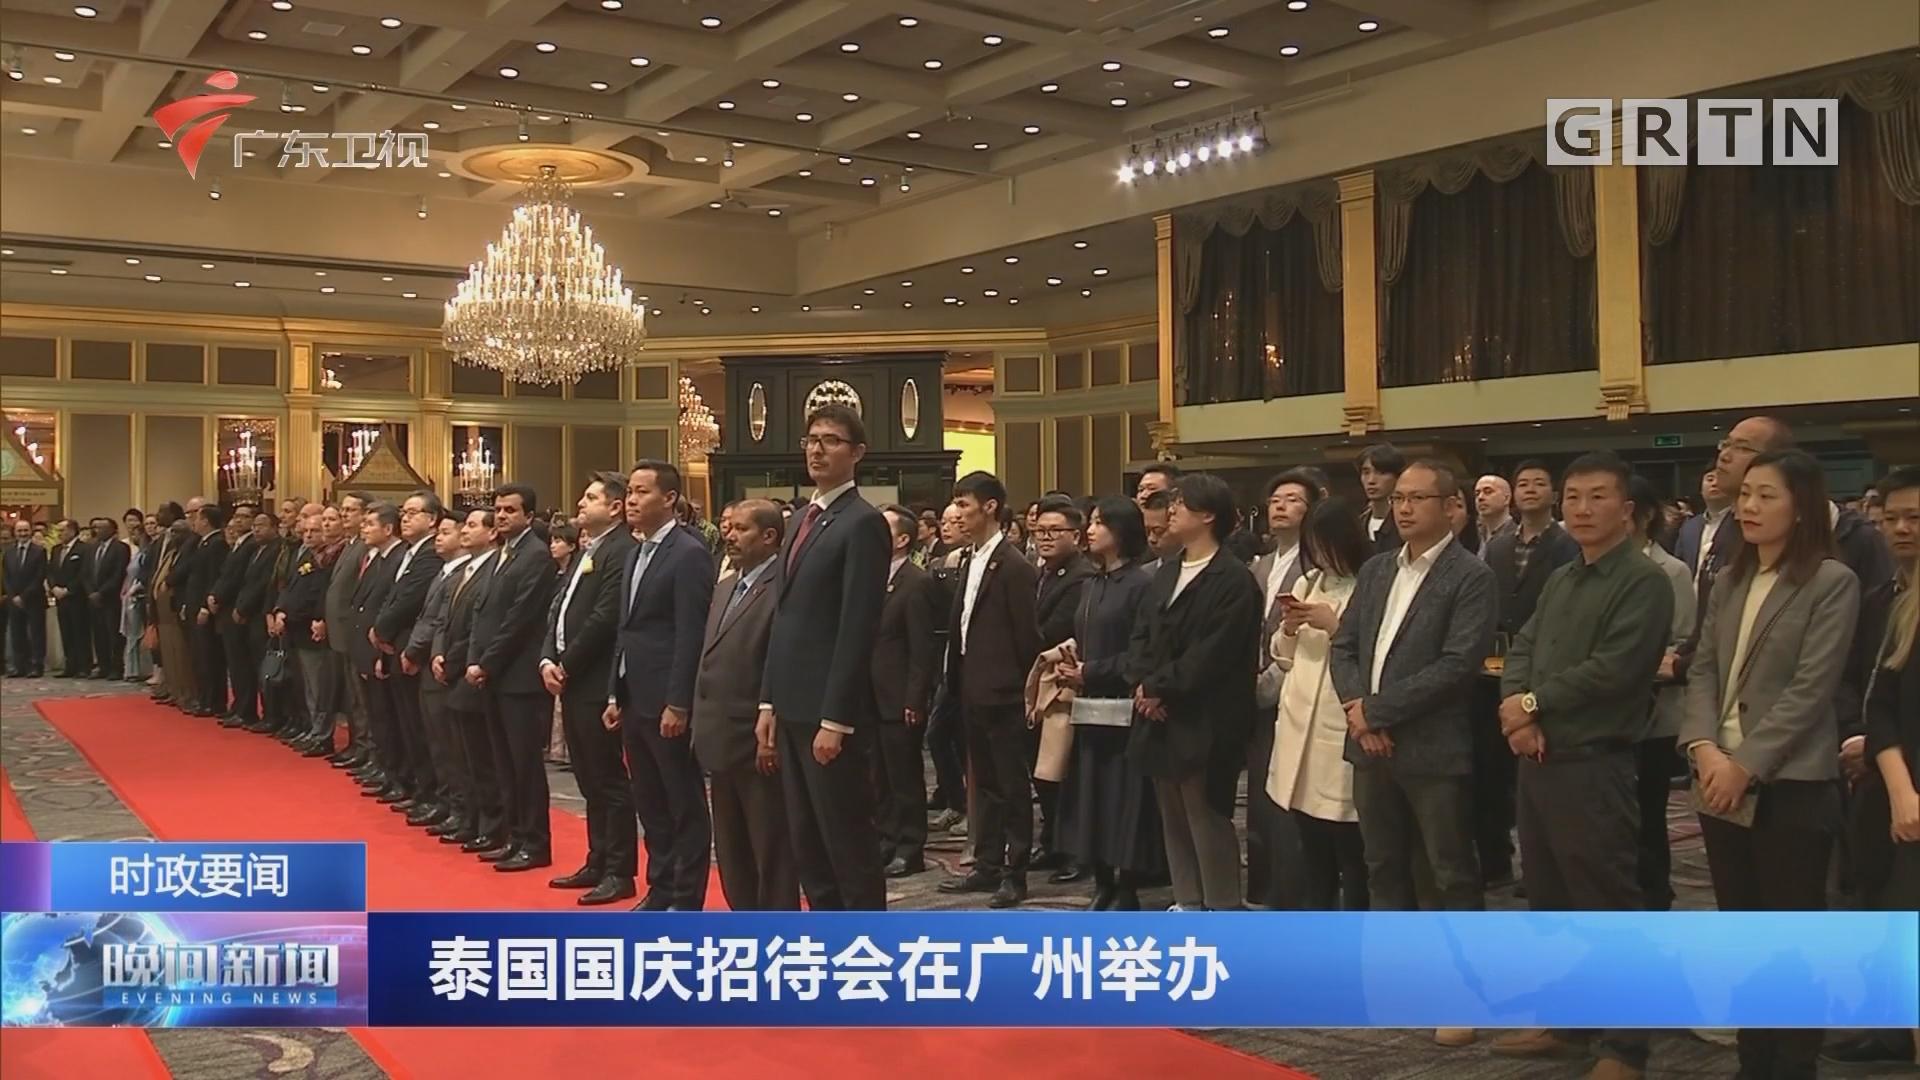 泰国国庆招待会在广州举办